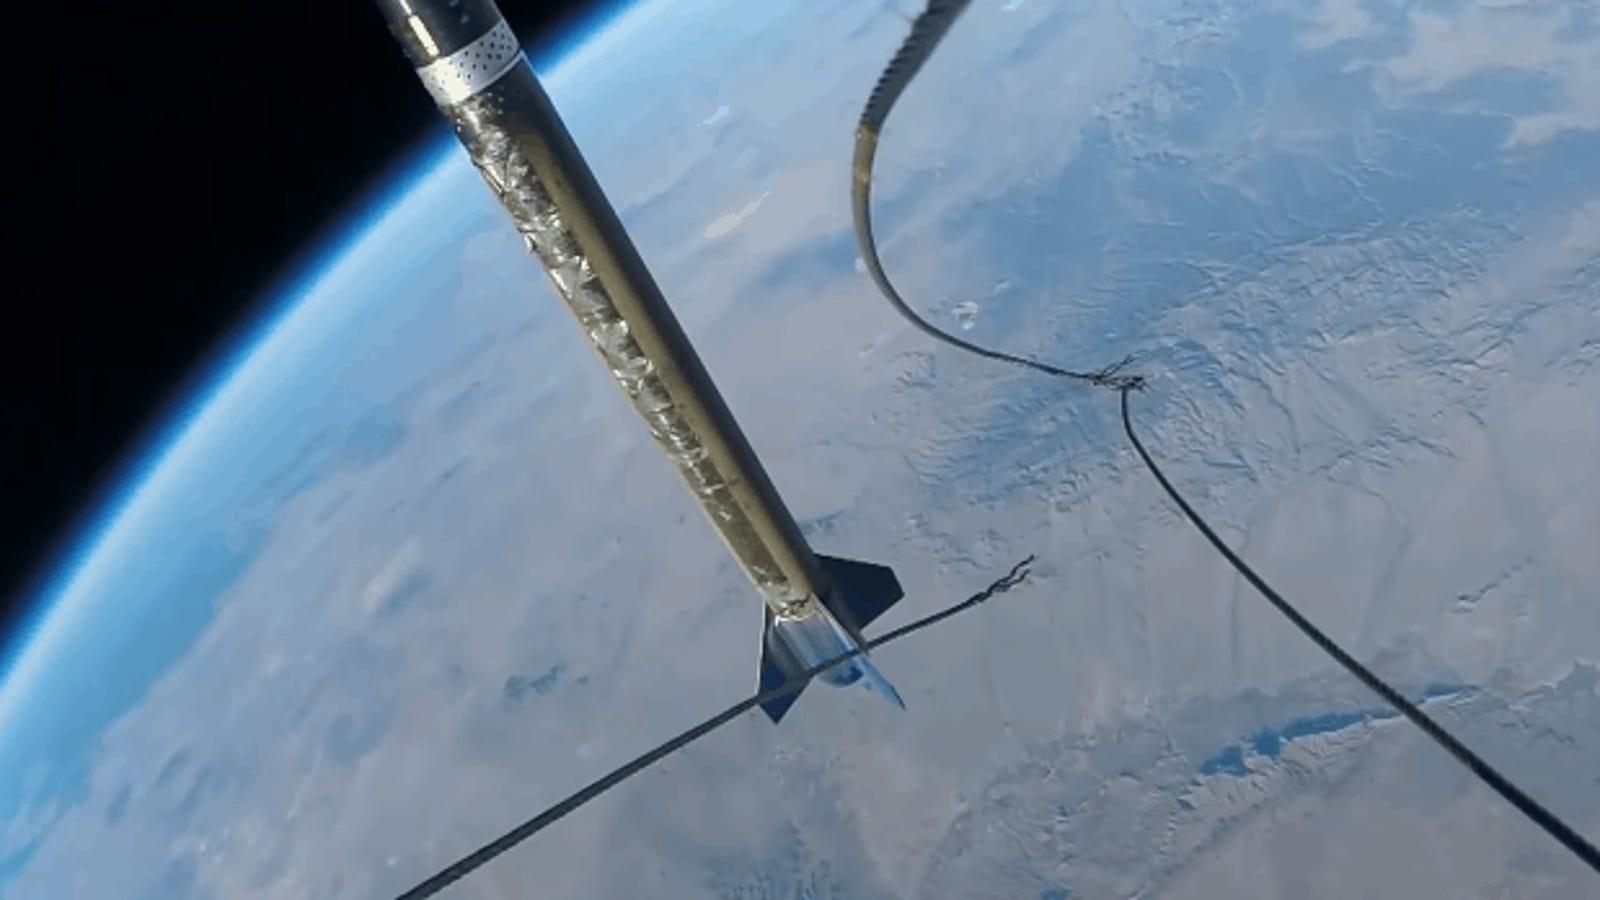 Cómo se separan las partes de un cohete en el espacio, visto en cámara lenta